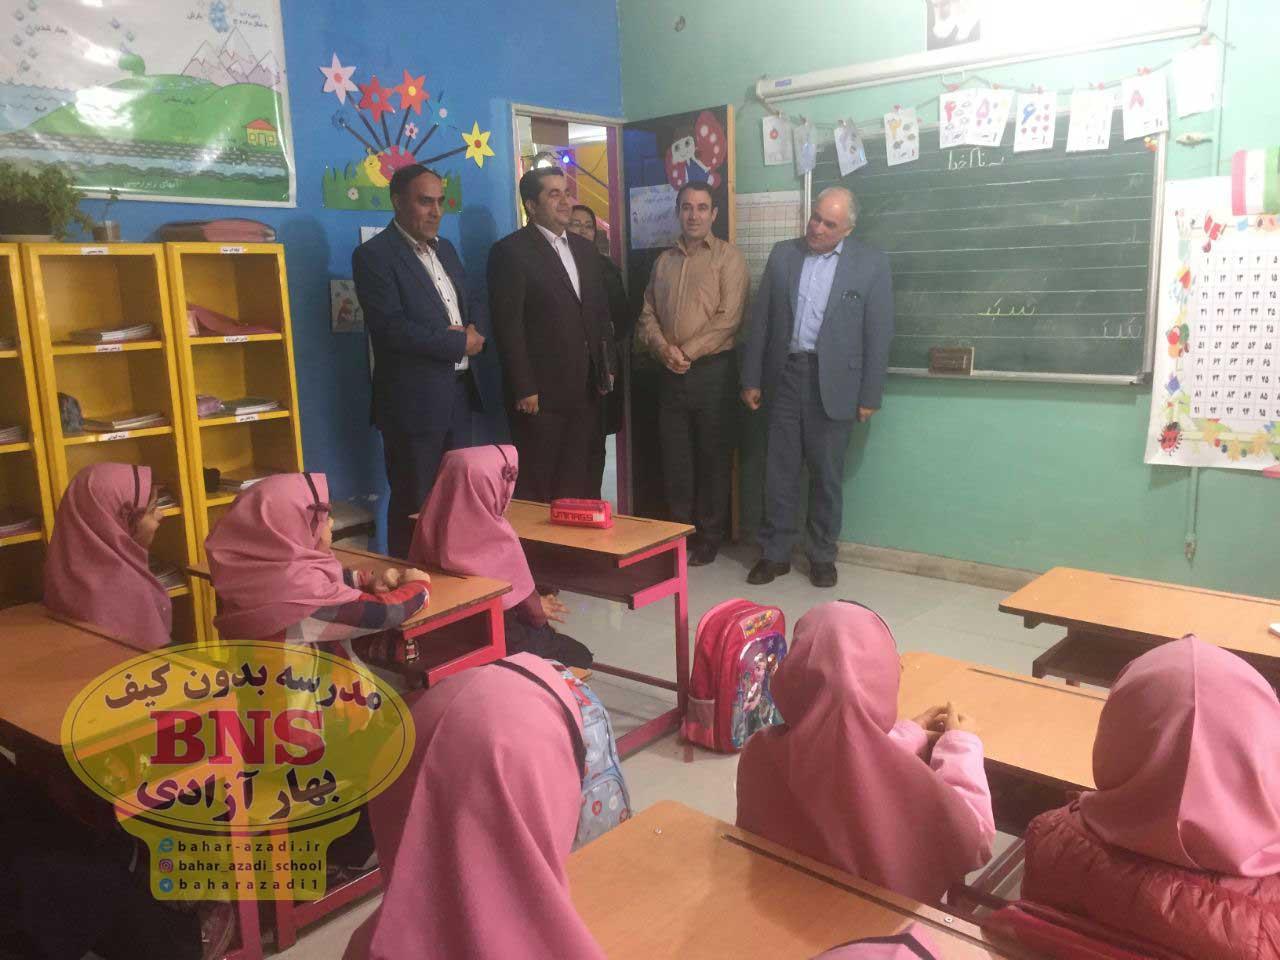 maryam azadi pejman irandoust 4 - تصاویری از مدیریت مدرسه بدون کیف مریم آزادی اصفهان و مهندس پژمان ایراندوست